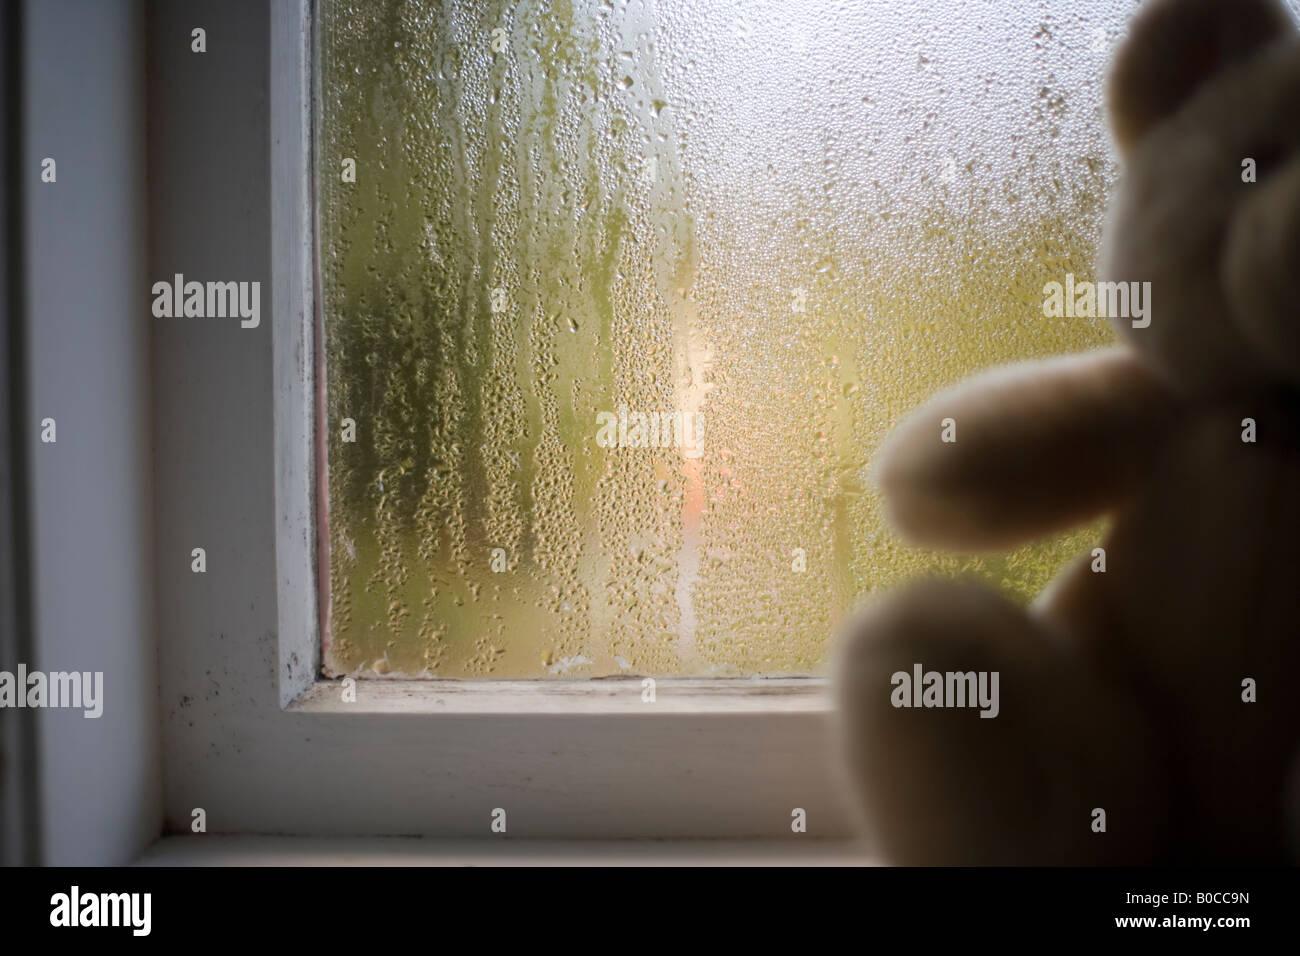 Teddy Bär sitzt am Fenster im Kinderzimmer mit viel Kondenswasser Stockbild